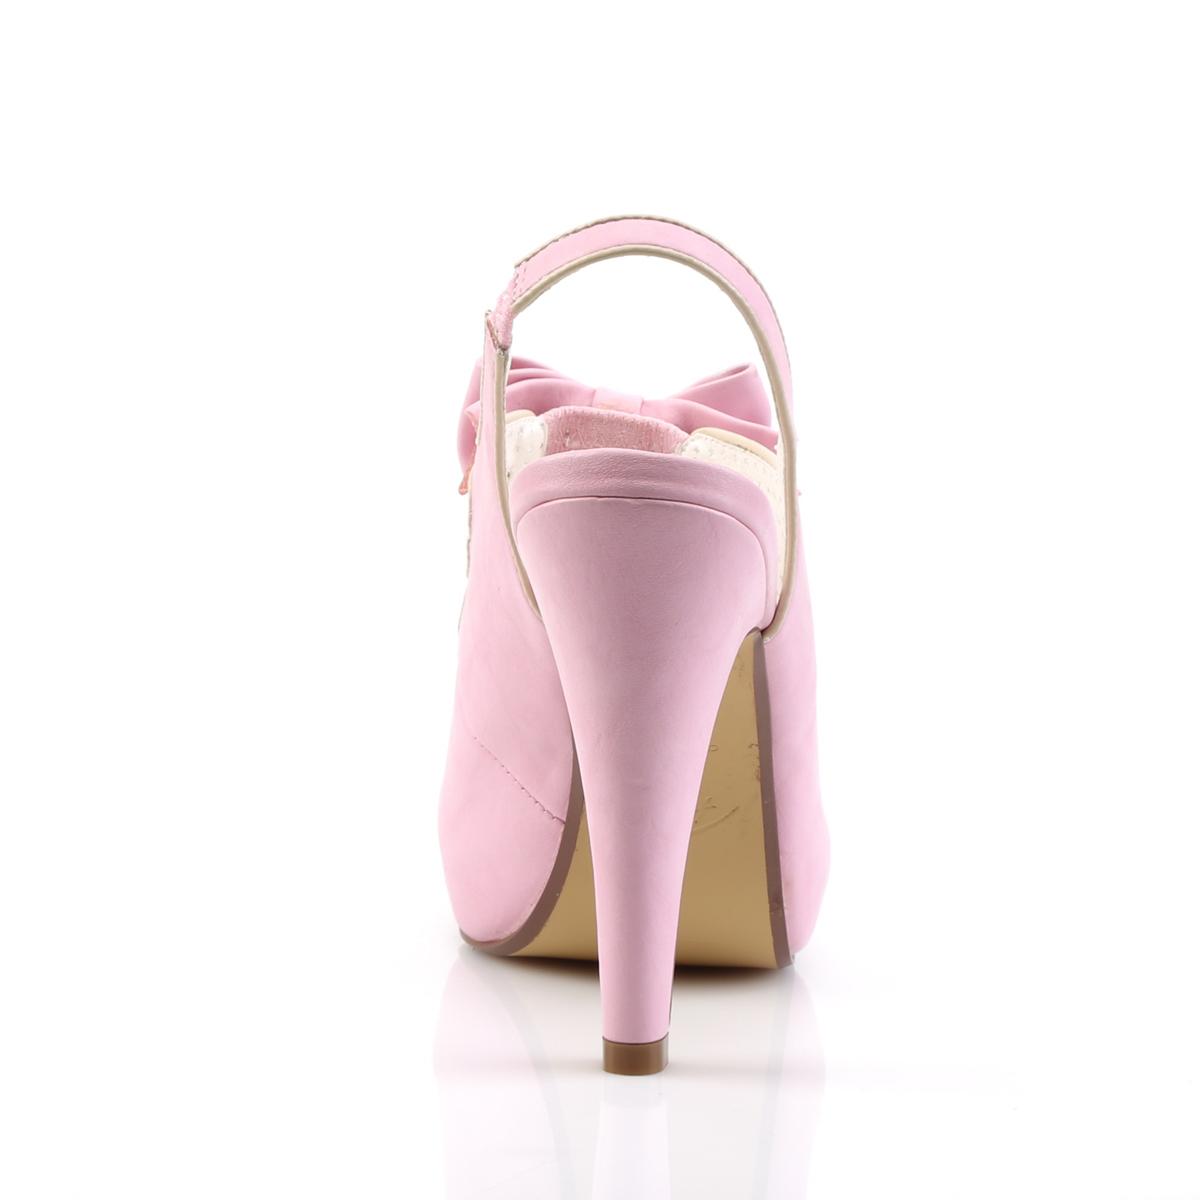 PIN PIN PIN Up Couture Bettie - 03 | Di Qualità Superiore  | Maschio/Ragazze Scarpa  4046c8